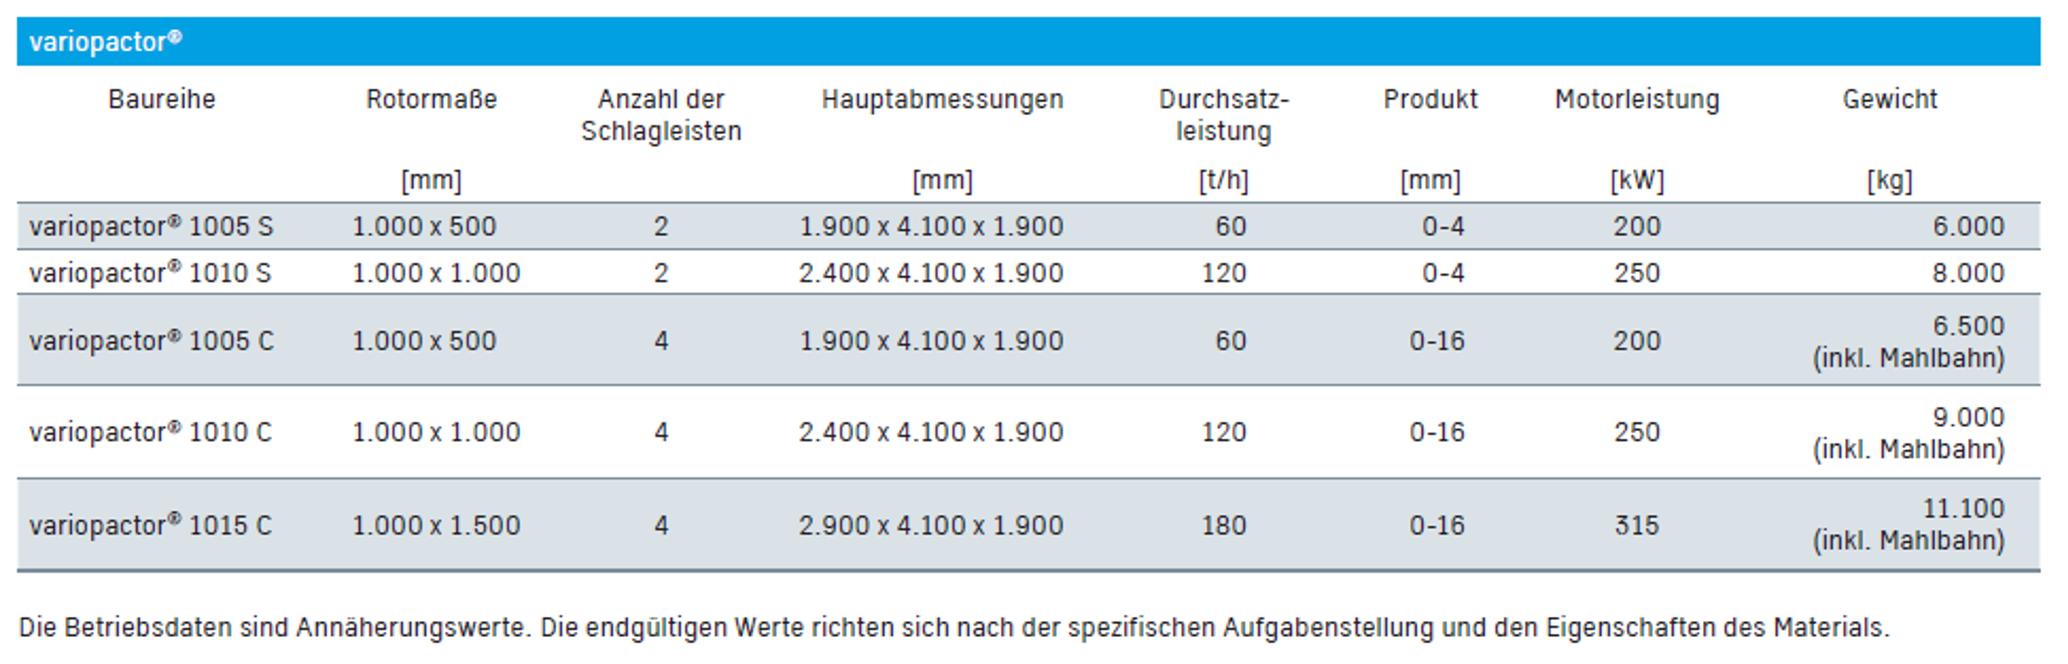 variopactor Baureihen und Leistungsdaten